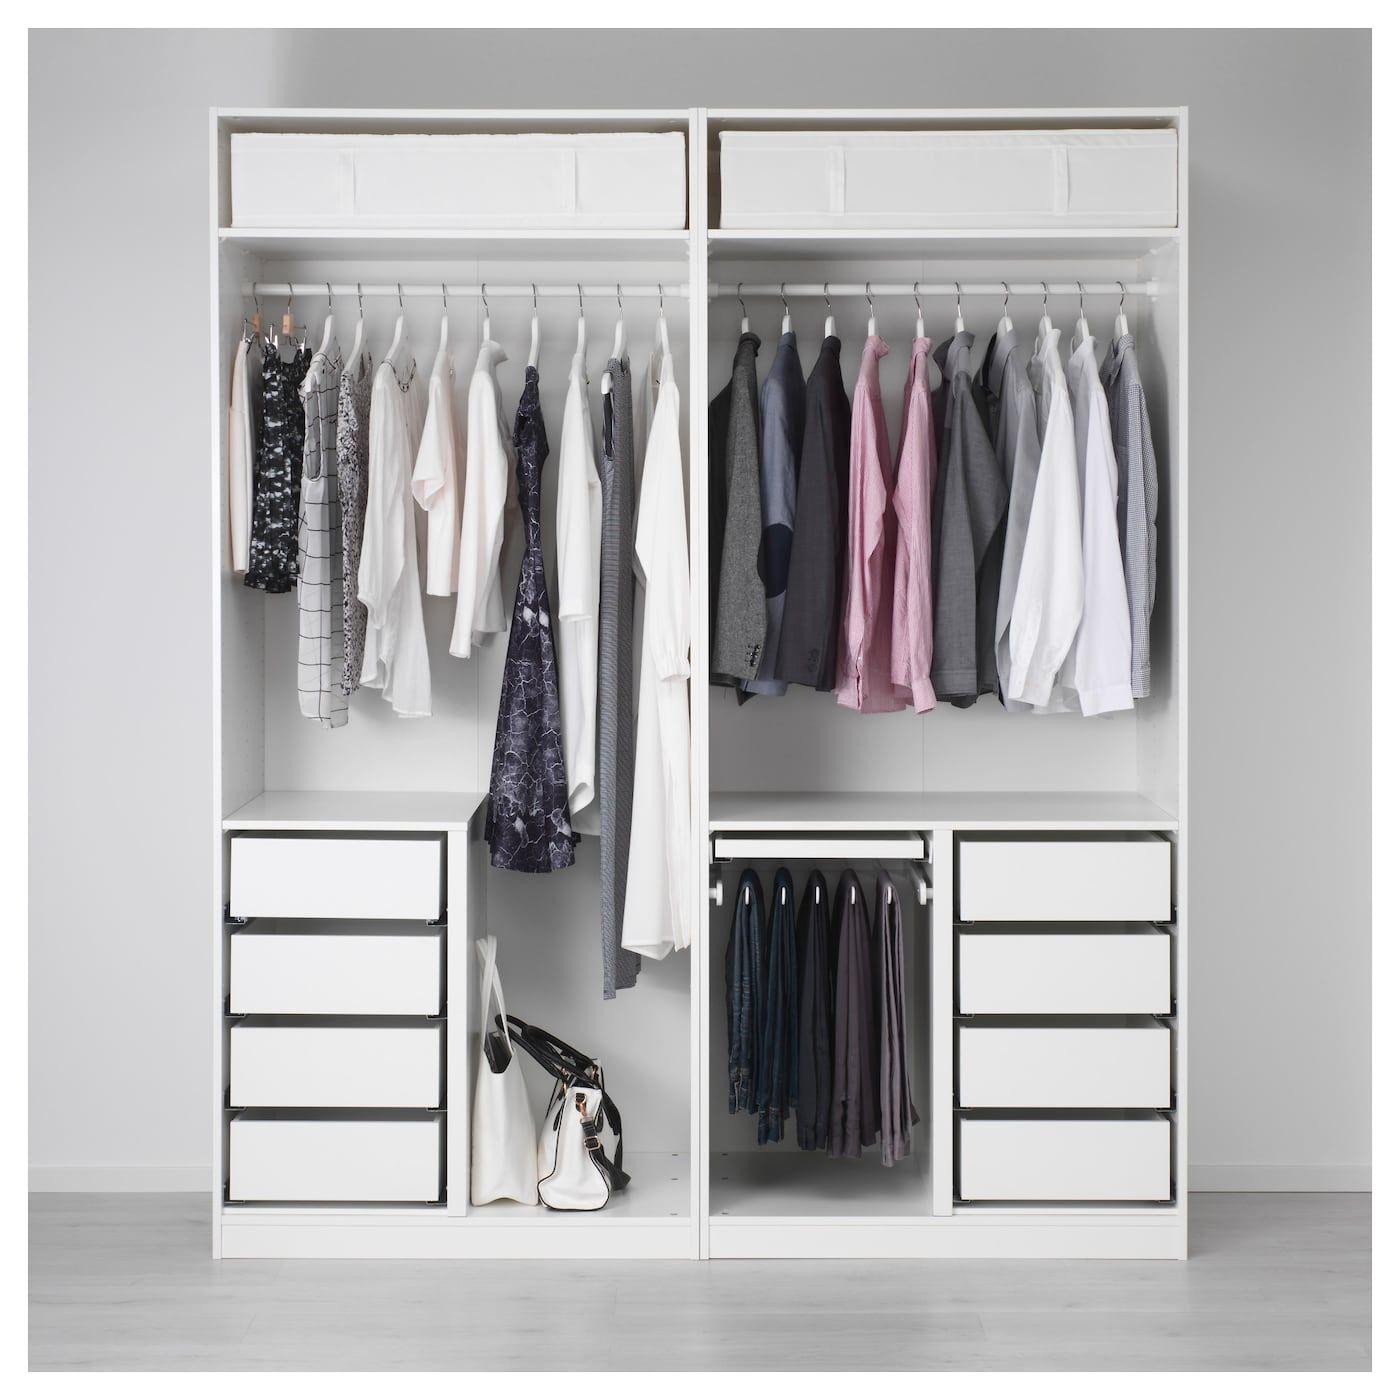 kleiderschrank pax wei uggdal f rvik gang. Black Bedroom Furniture Sets. Home Design Ideas